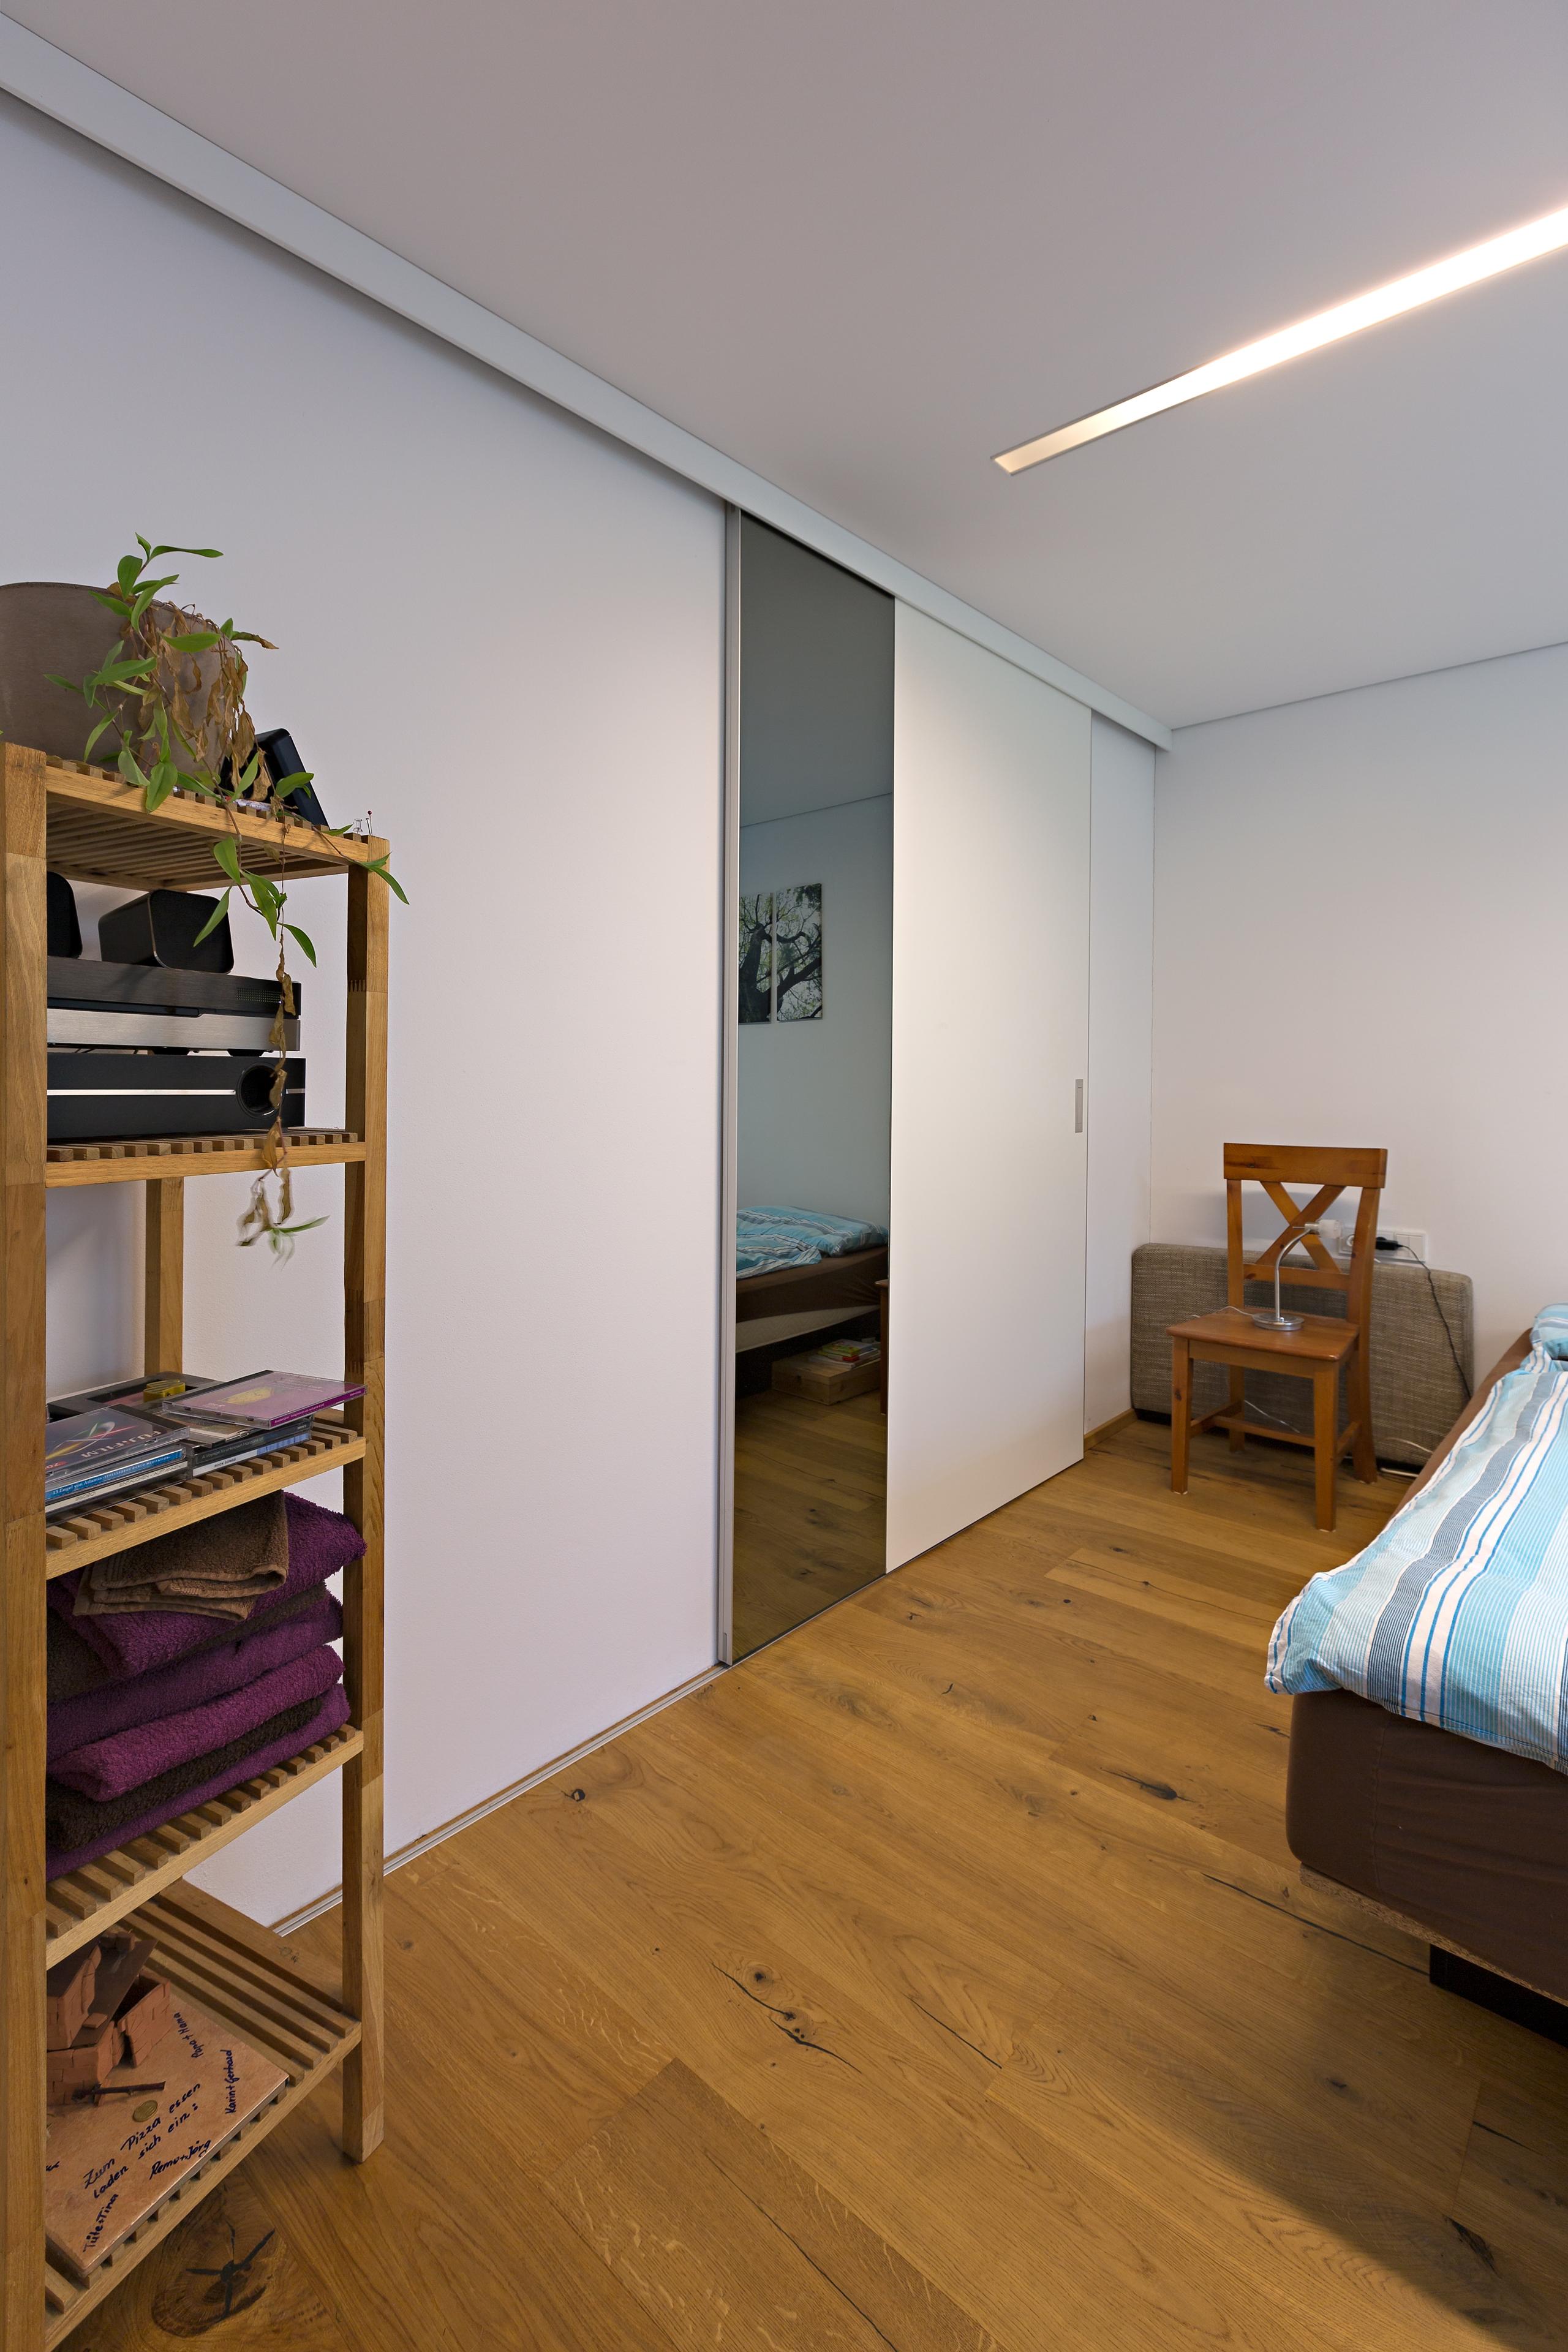 Amüsant Schlafzimmer Mit Ankleidezimmer Das Beste Von Trennwand Aus Schiebetüren In Schleiflack Weiss Und